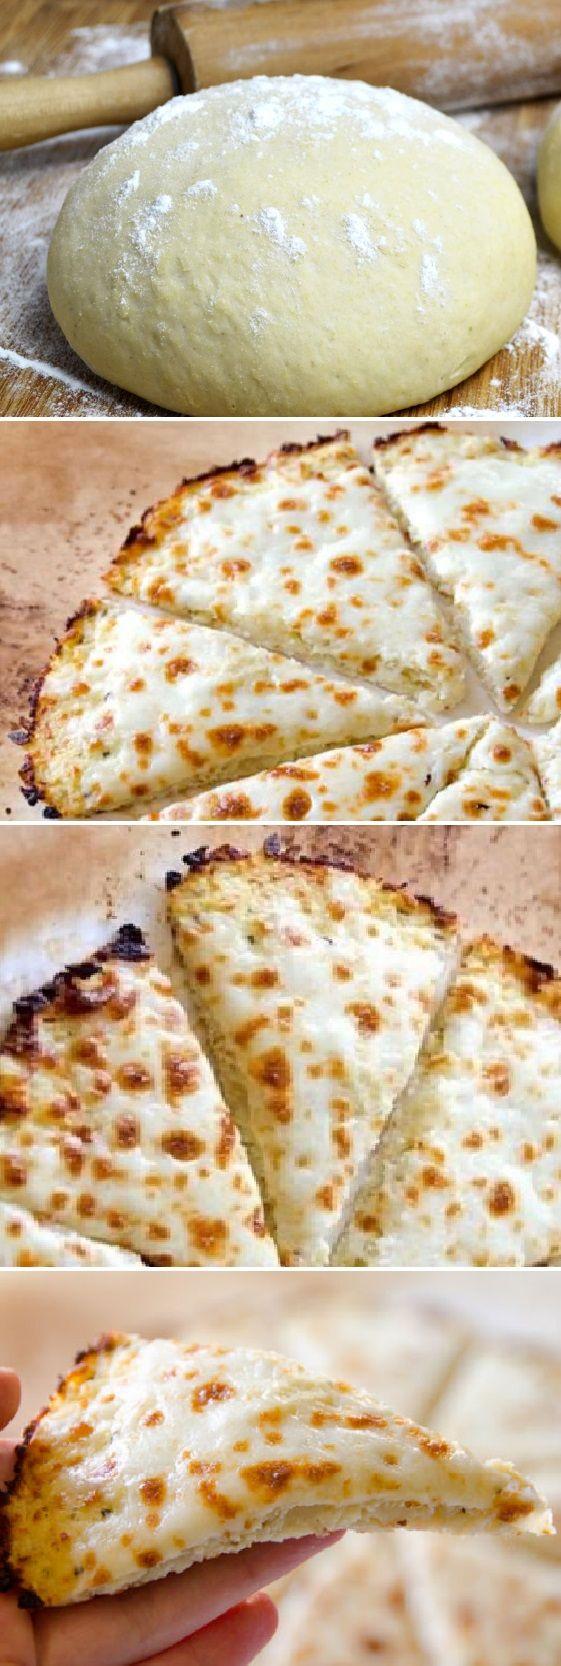 La Mejor Masa De Pizza Casera Para Preparar Bases De Pizzas Estilo Domino S Pizza Hut Y Telepizza Recetas Faciles Para Cocinar Pizzas Caseras Receta Comida